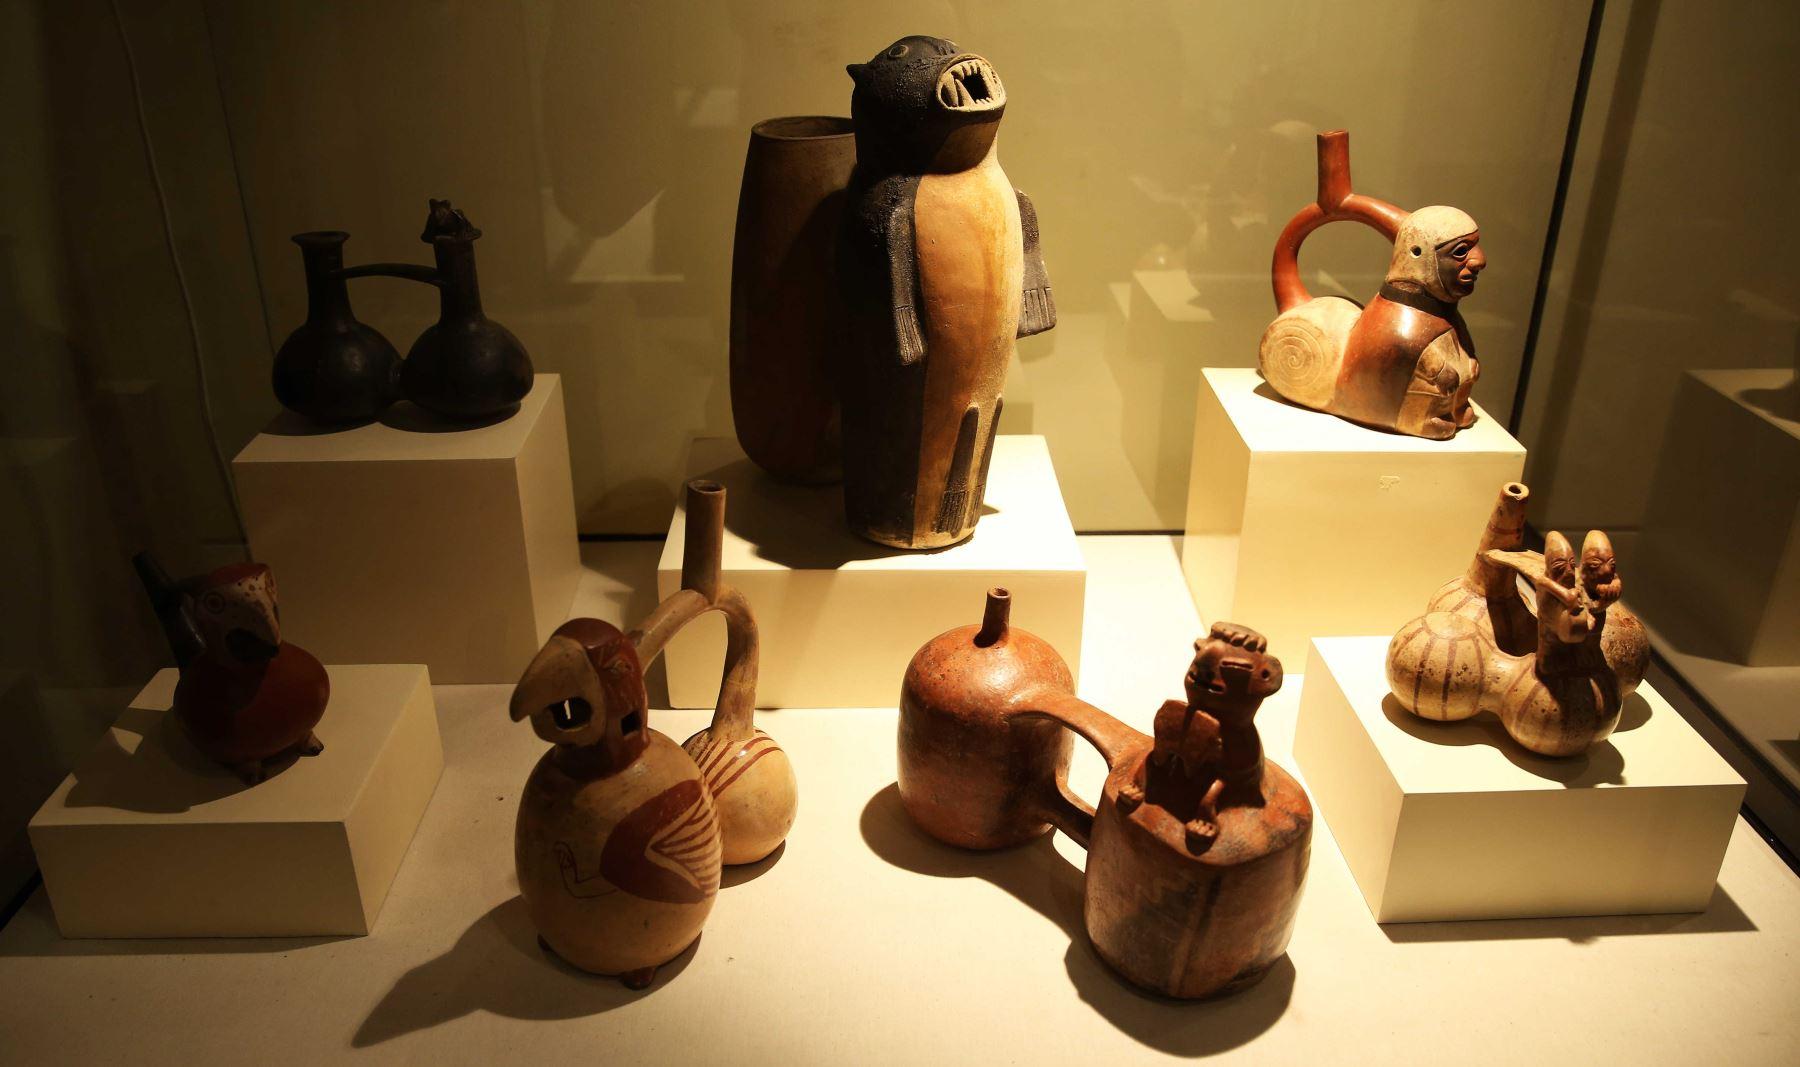 Conjunto de cerámicas del tipo vasijas silbadoras, parte de la exposición de la muestra Sonidos del Ande. Foto: EFE